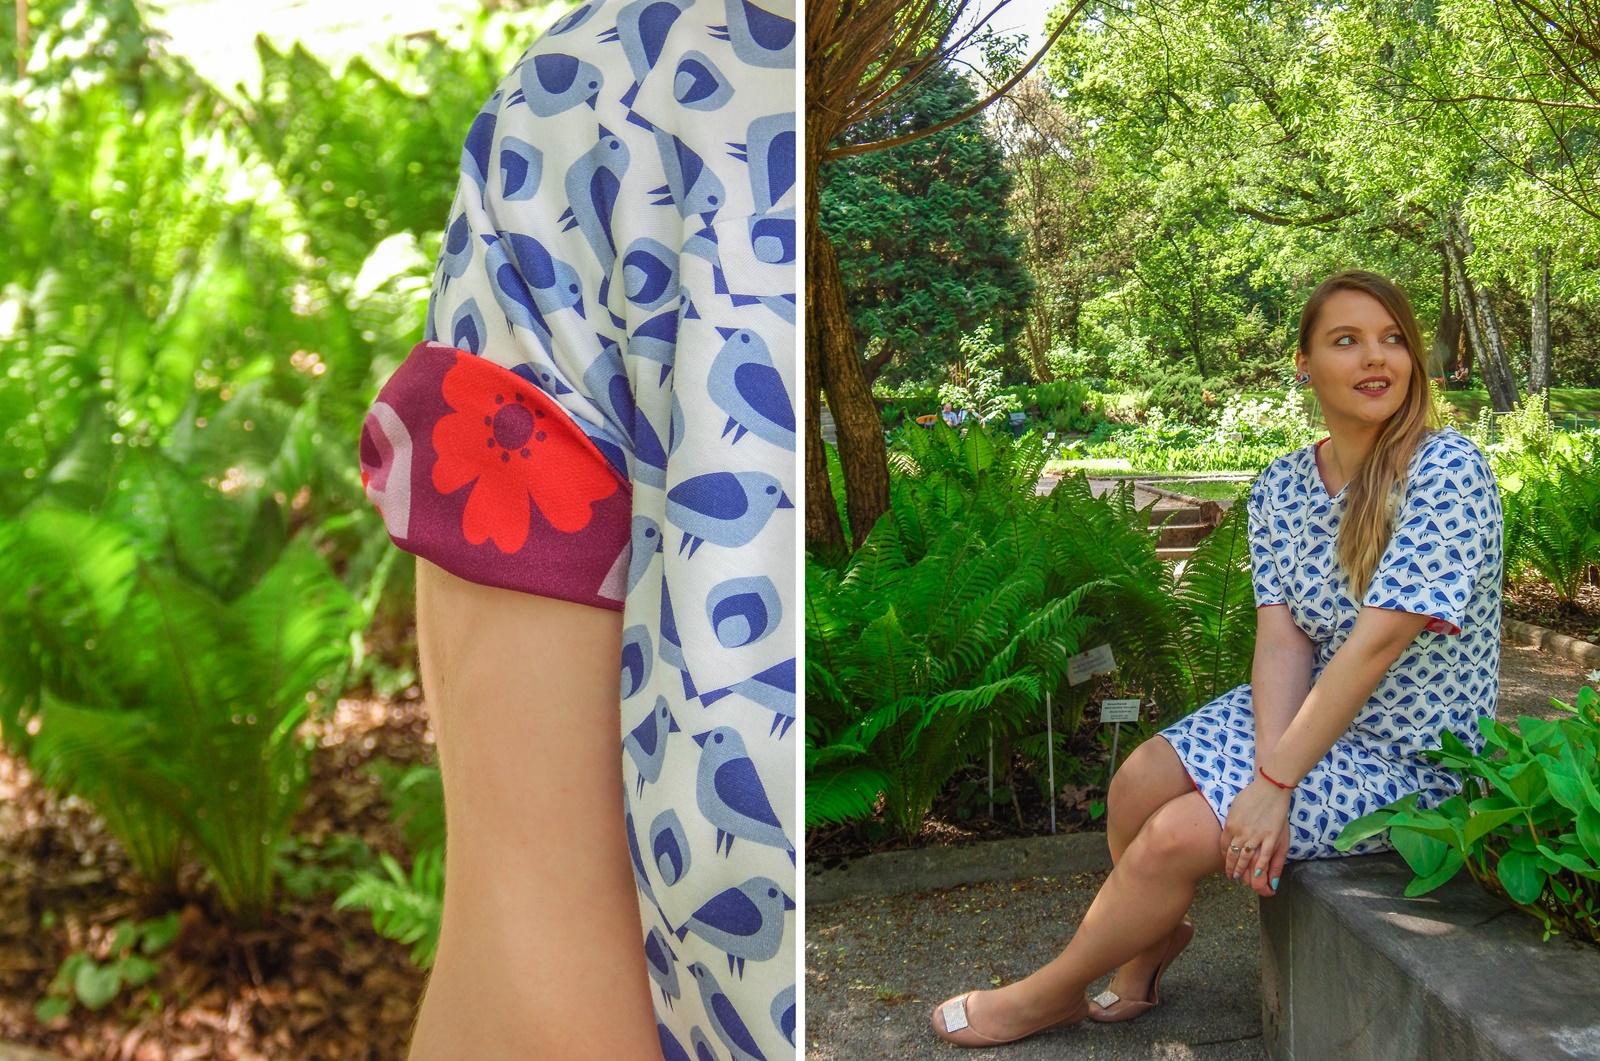 9 samodobro dwukroopek dwustronna sukienka dla mamy prezent na dzień matki drewniana biżuteria wróbel i dzika róża metka z opowiadaniem ciekawe mlode polskie marki odzieżowe moda lifestyle łódź